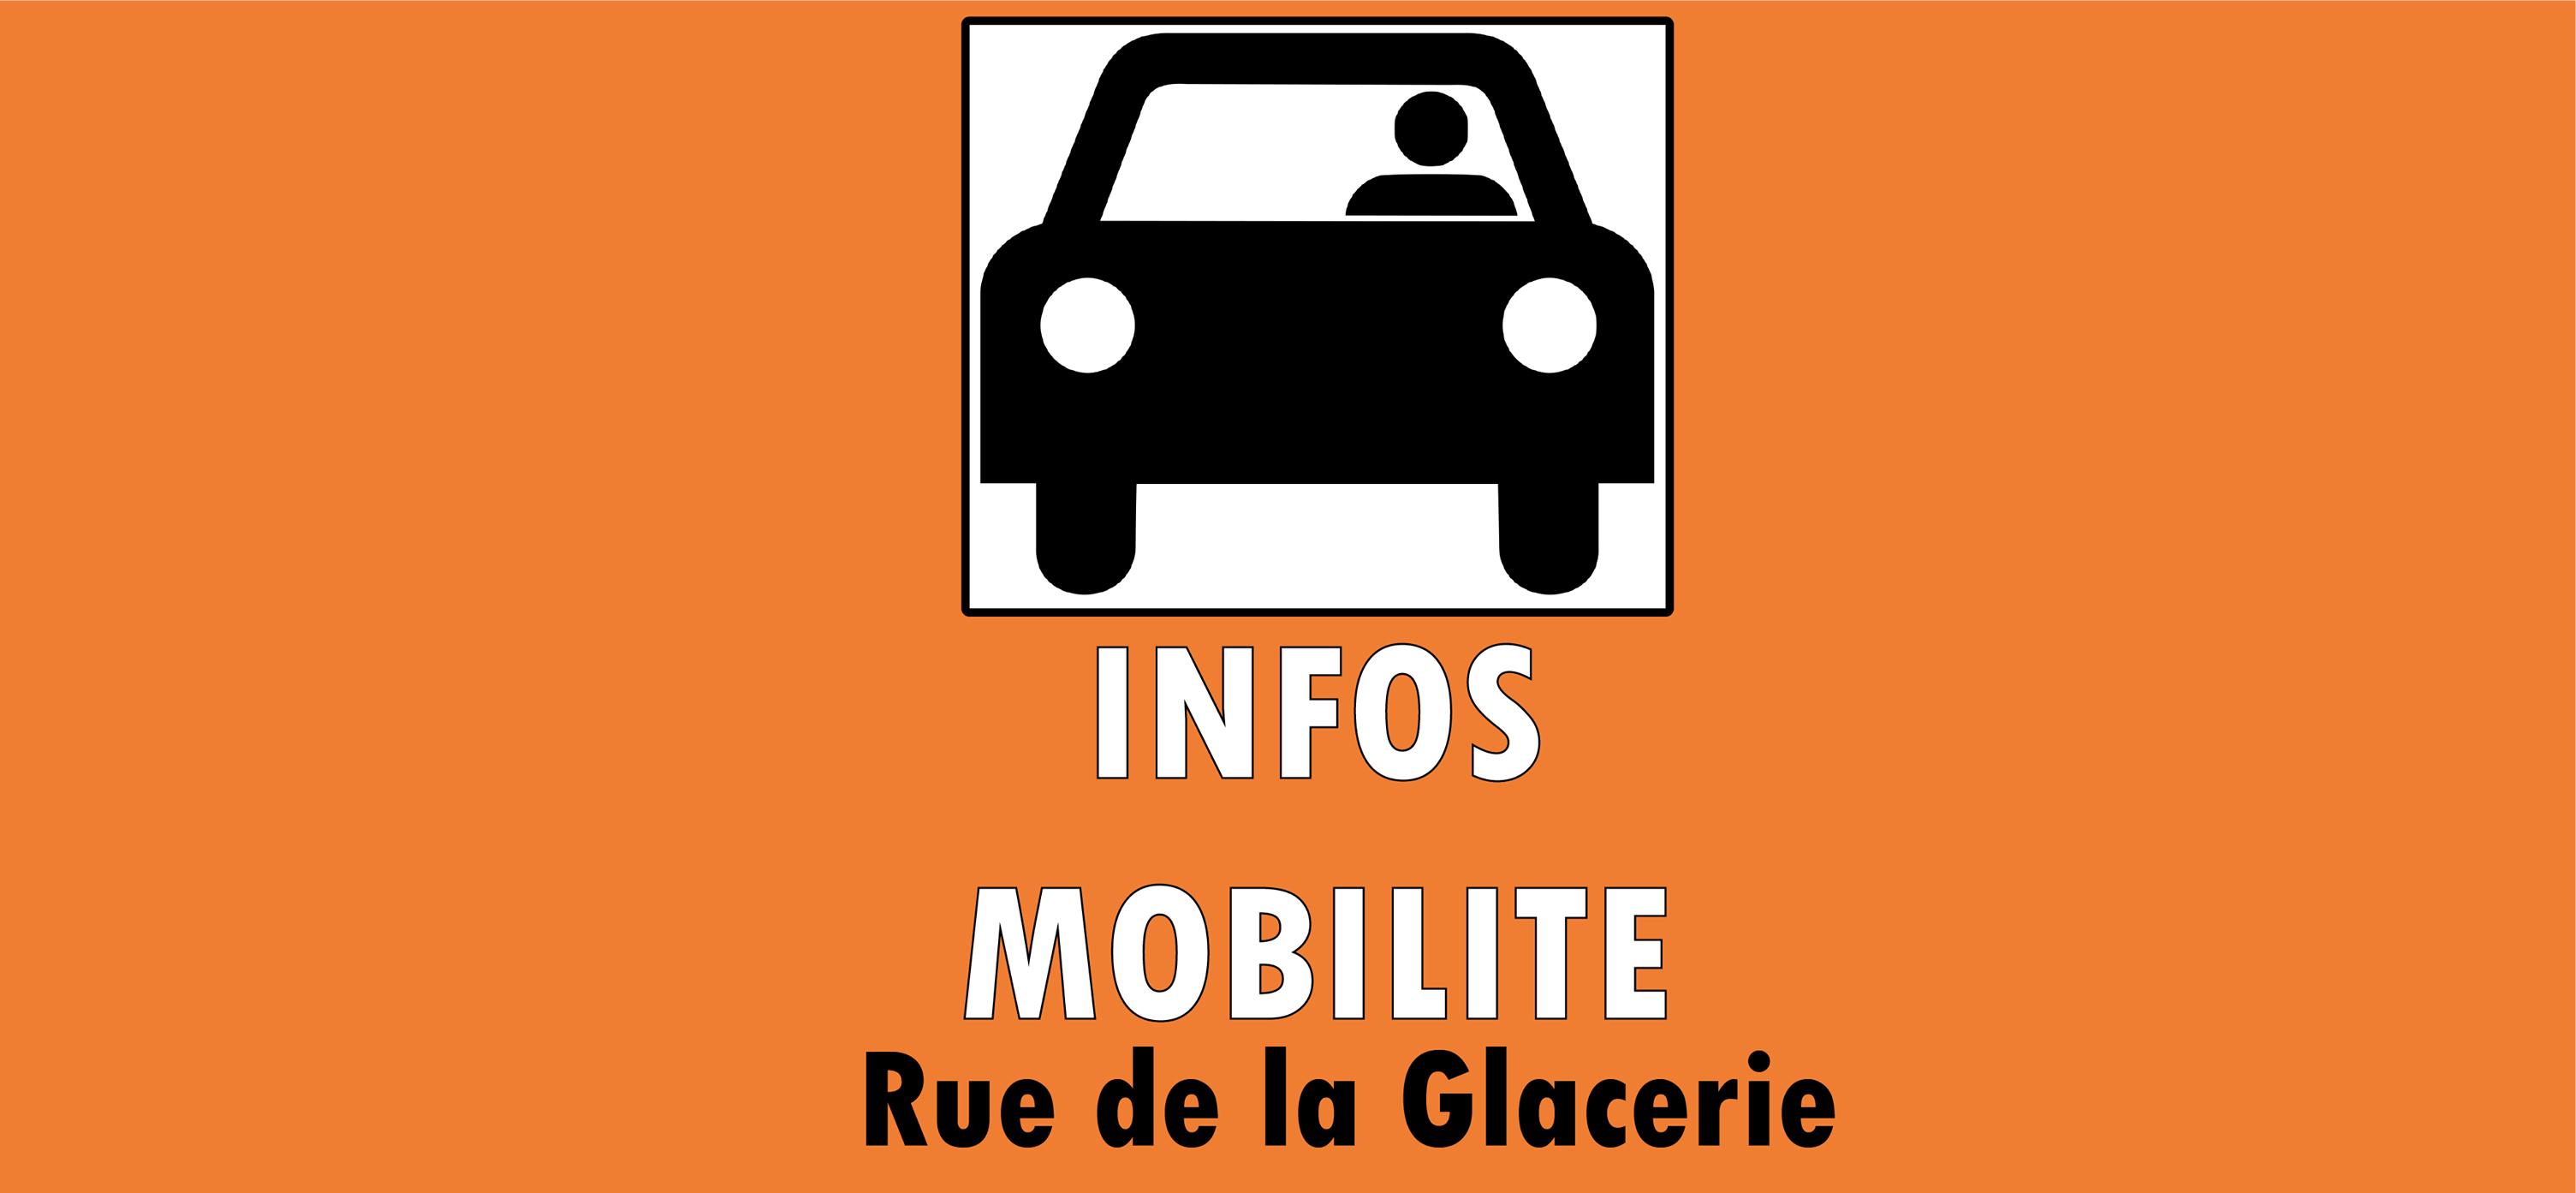 6661cd1802d6d Courcelles  test de mobilité à la rue de la Glacerie et au quartier de la